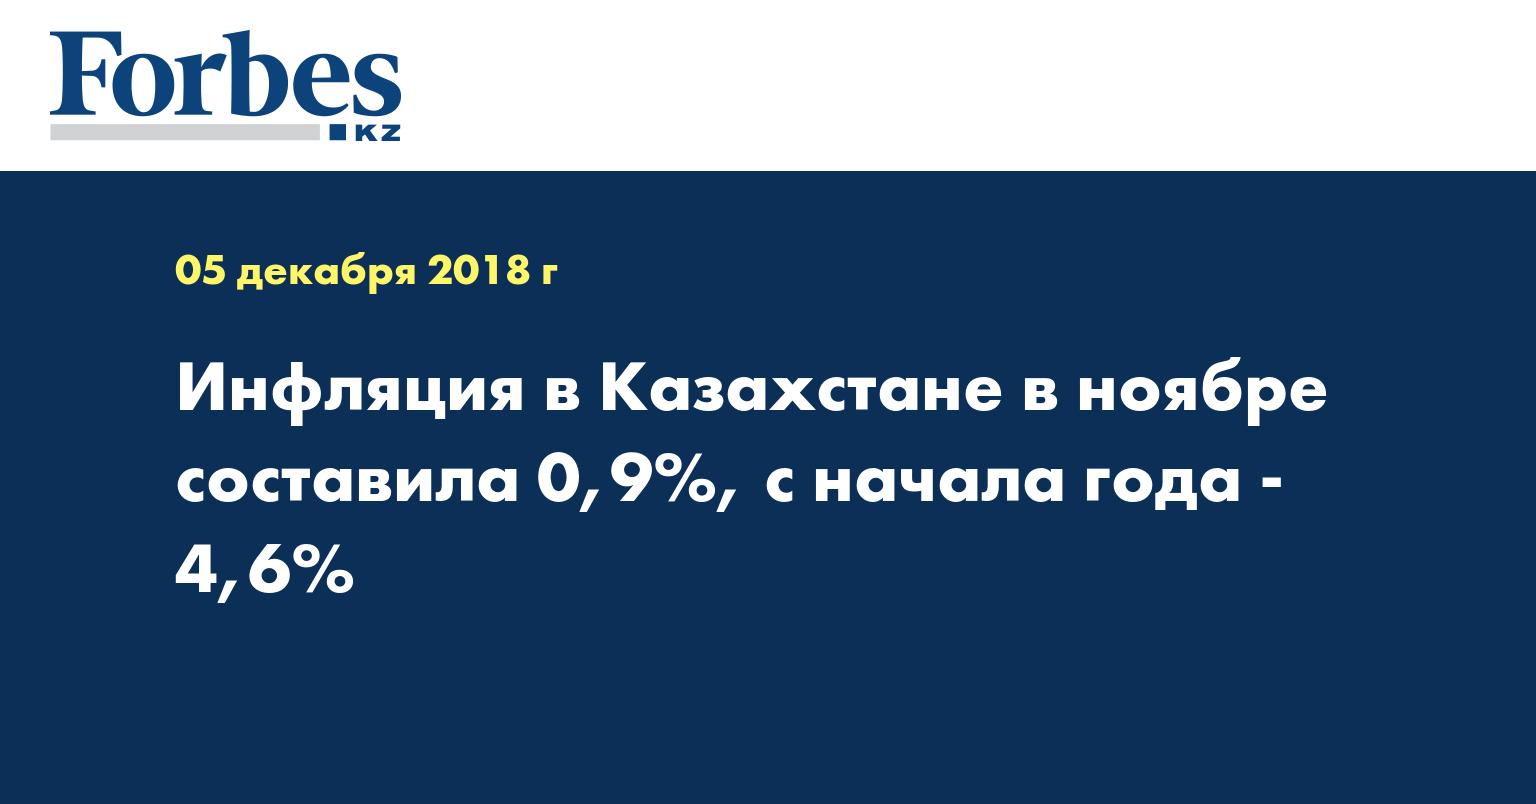 Инфляция в Казахстане в ноябре составила 0,9%, с начала года - 4,6%